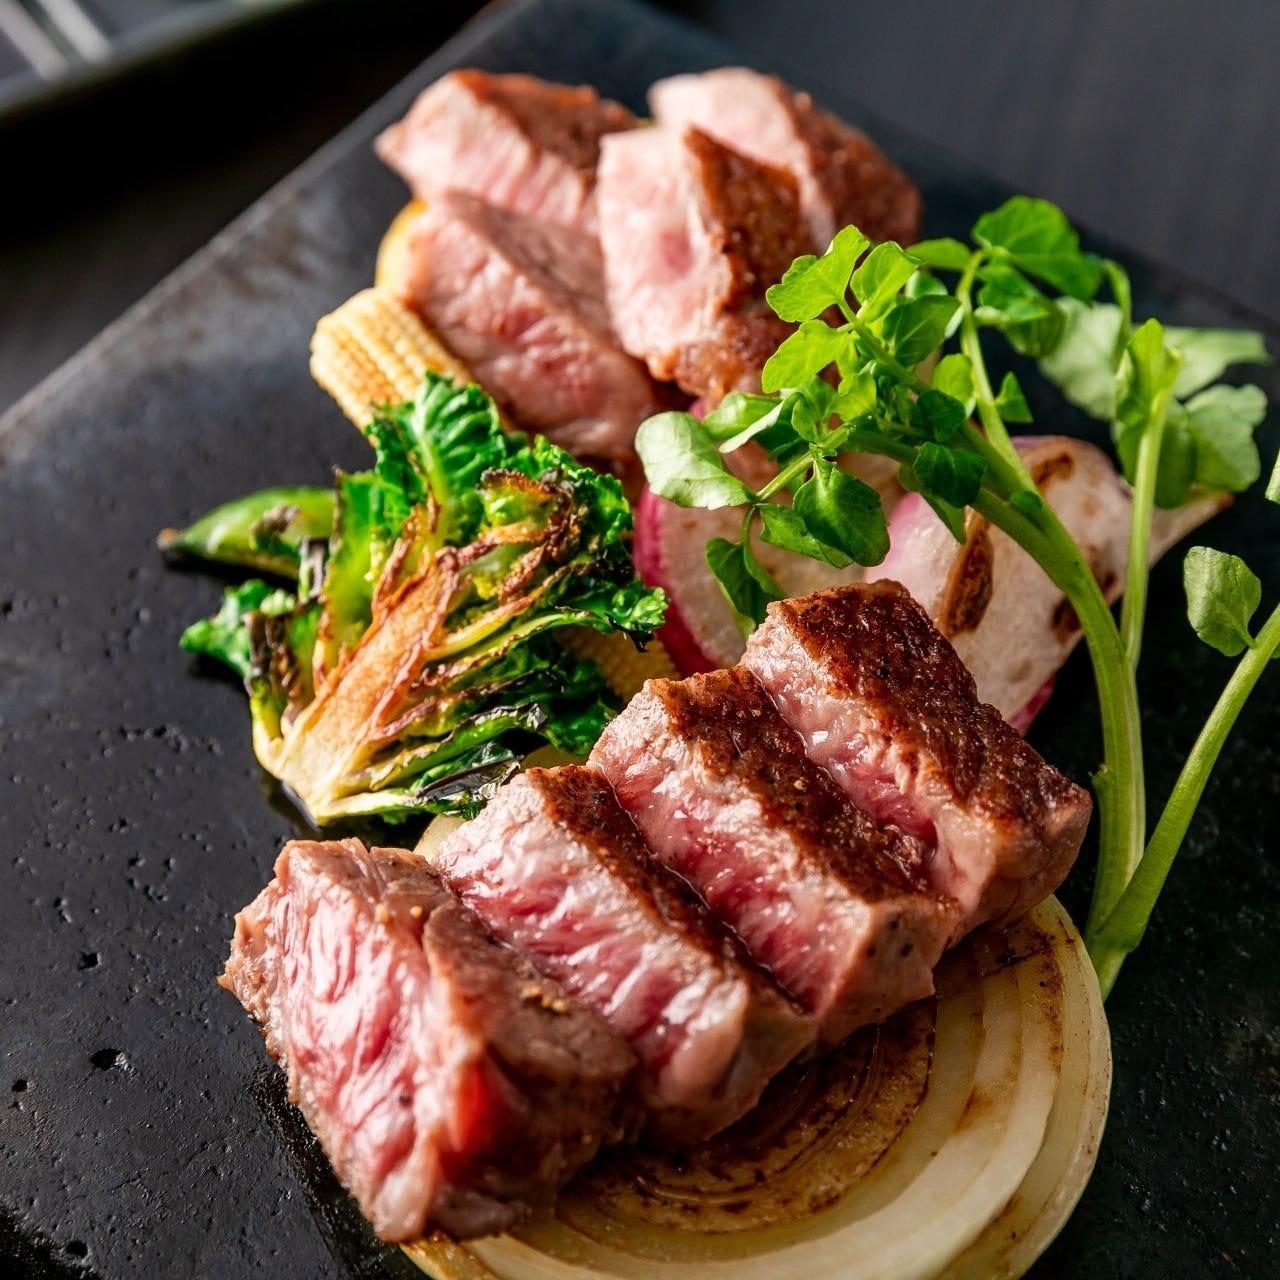 神奈川のブランド牛国産黒毛和牛の味わいをお楽しみください